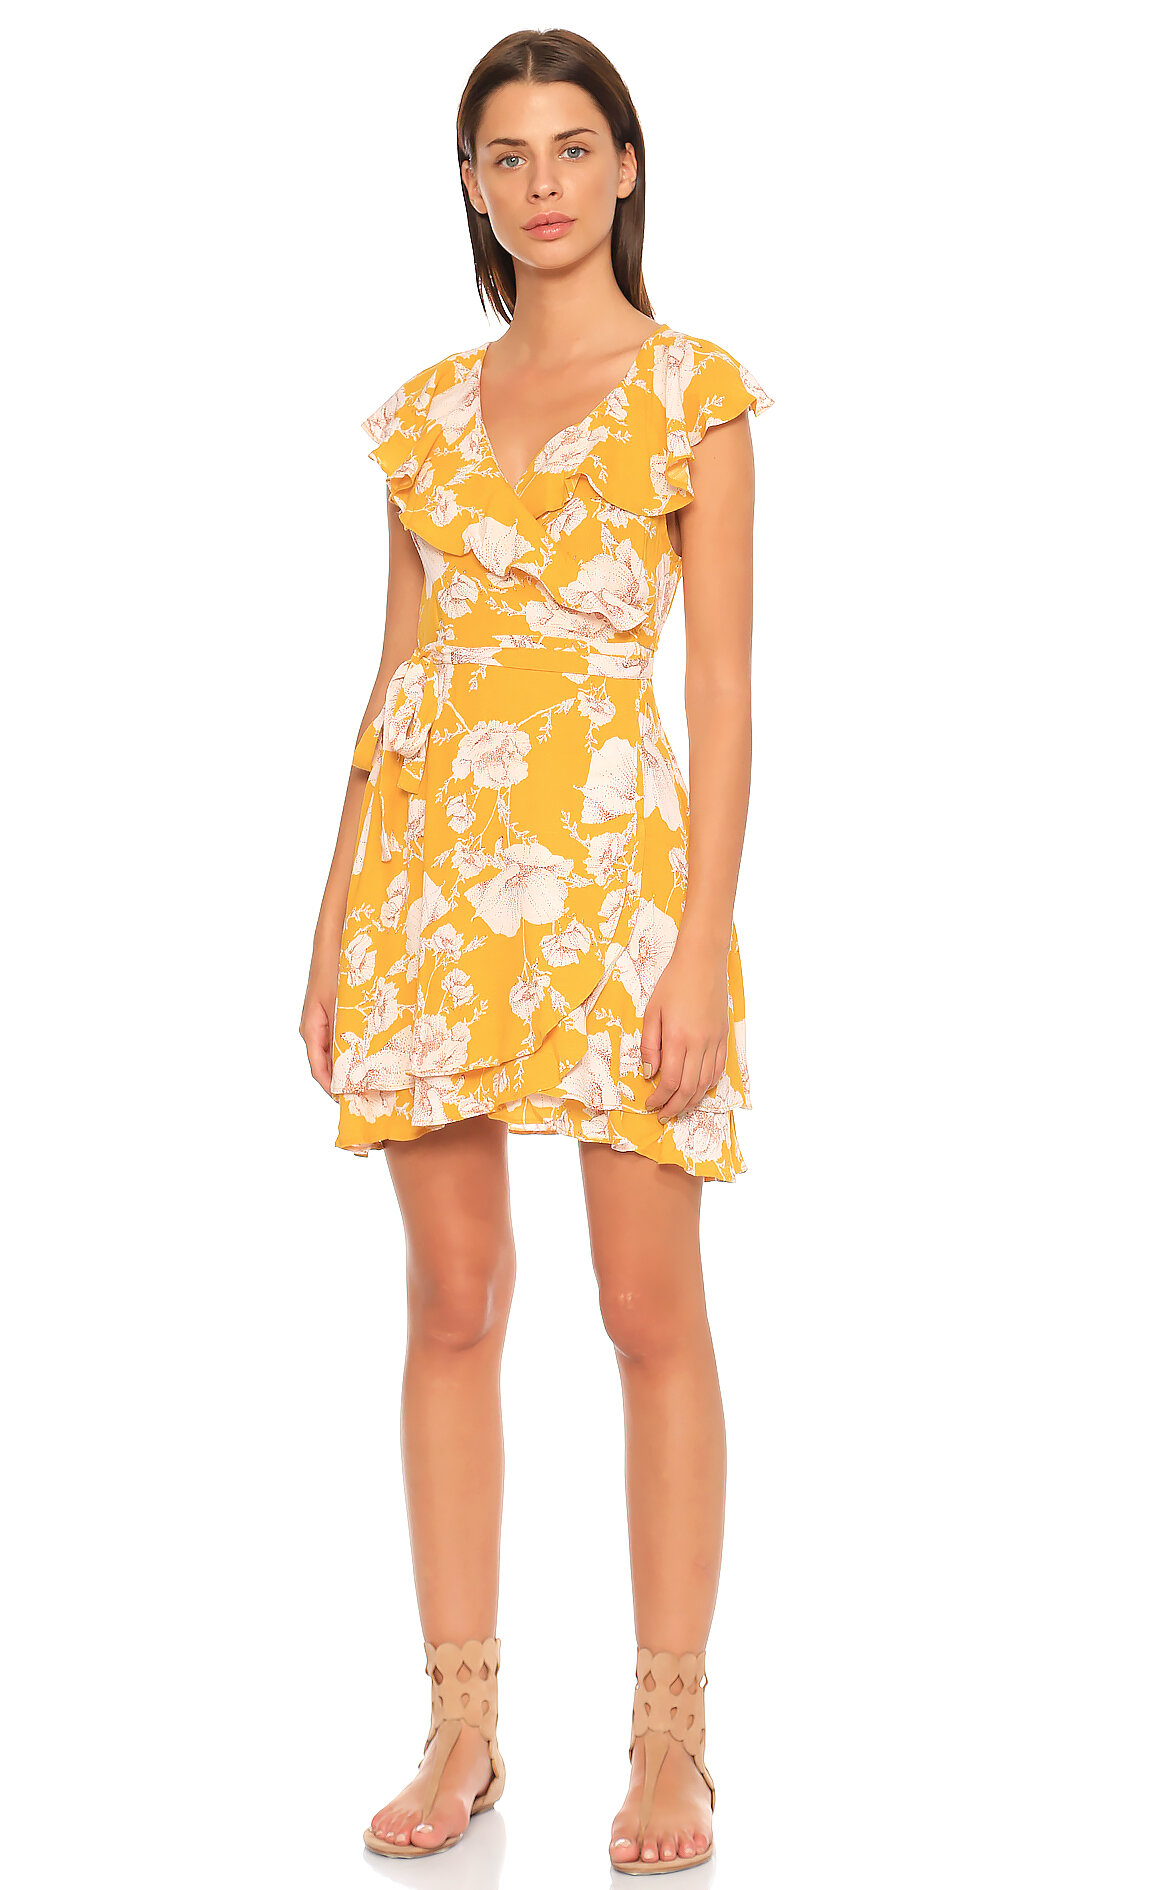 Free People-Free People Çiçek Desenli Sarı Elbise